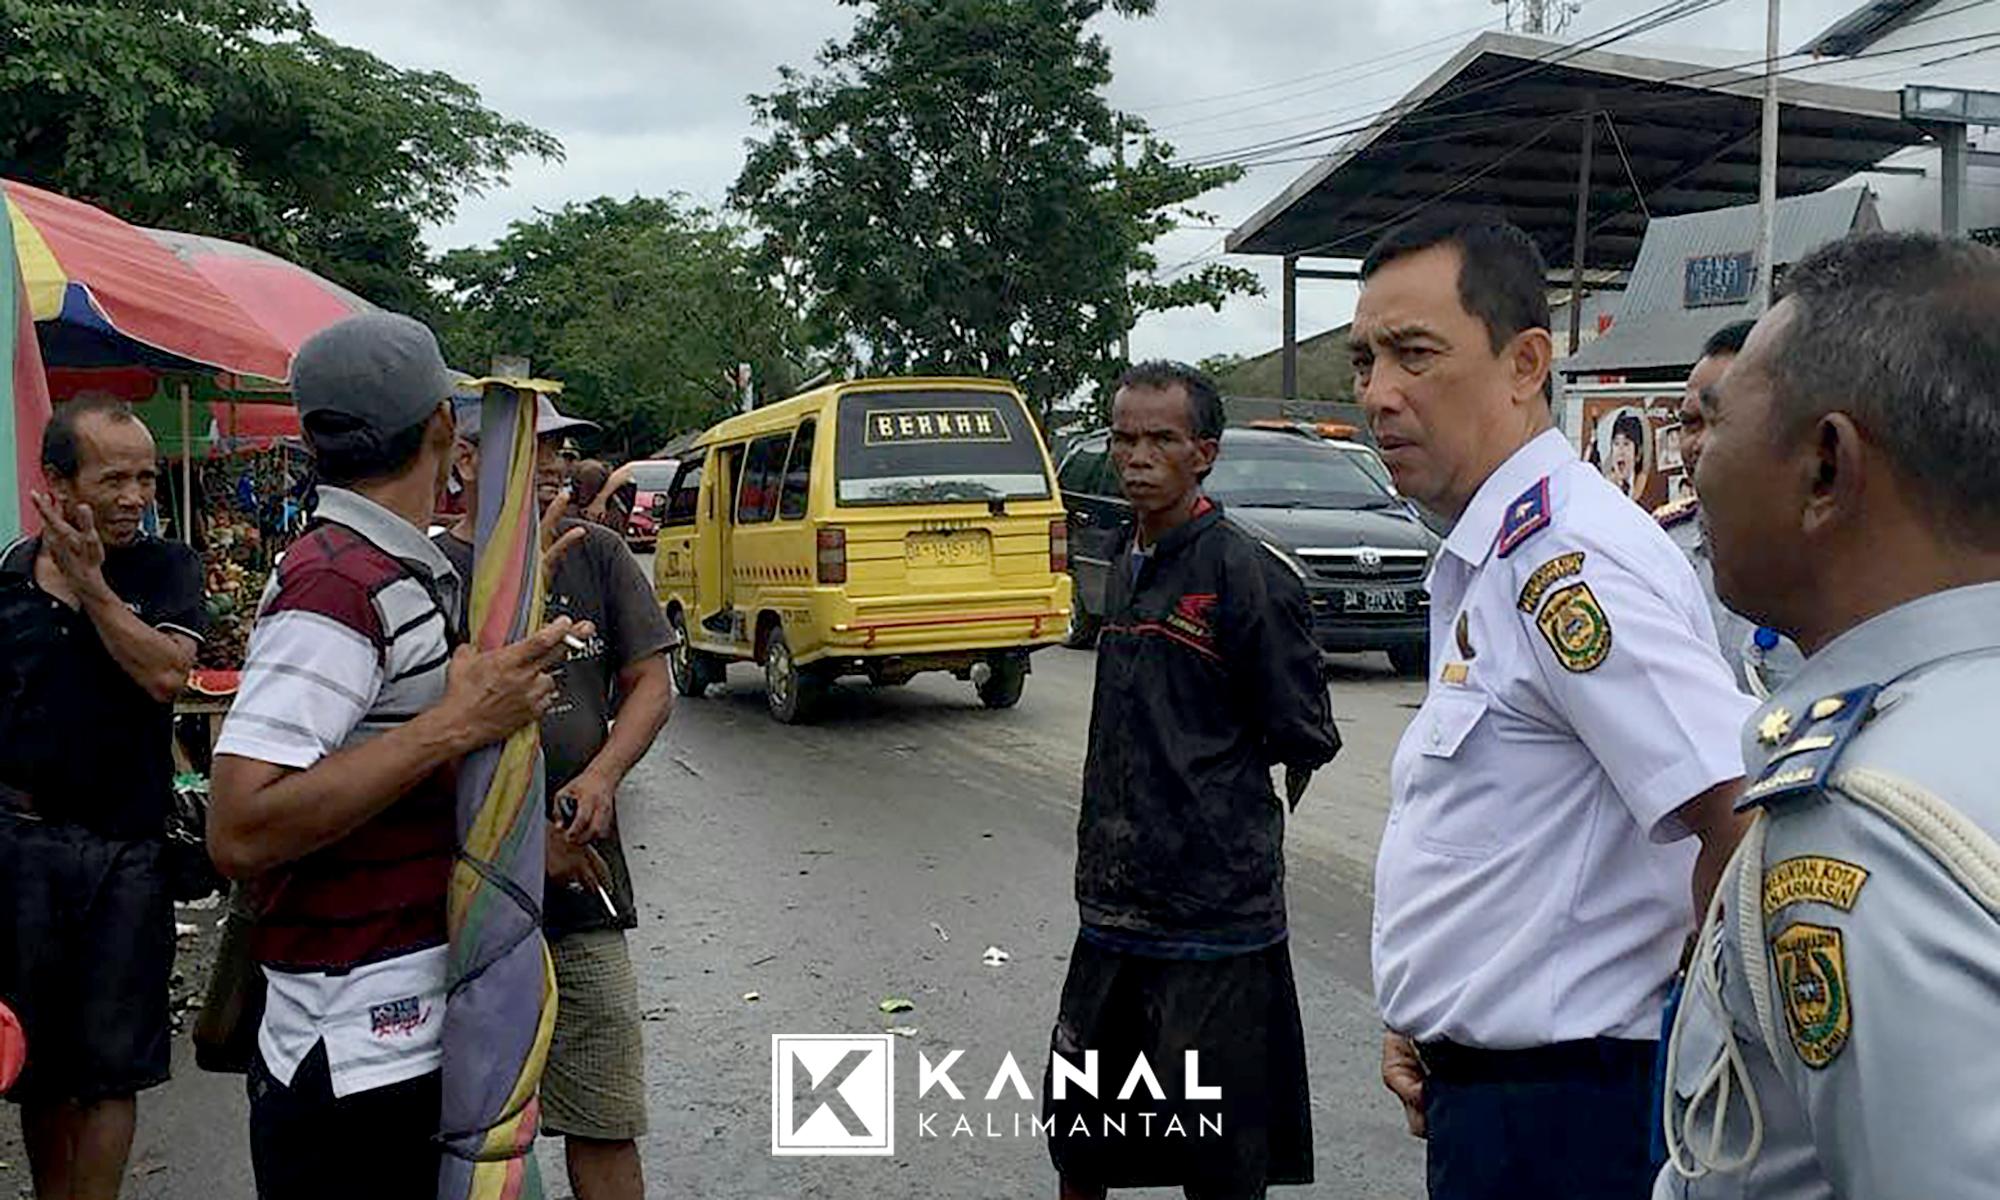 Jalan Veteran Bakal Berlaku Alias Satu Arah Kanal Kalimantan Dishub